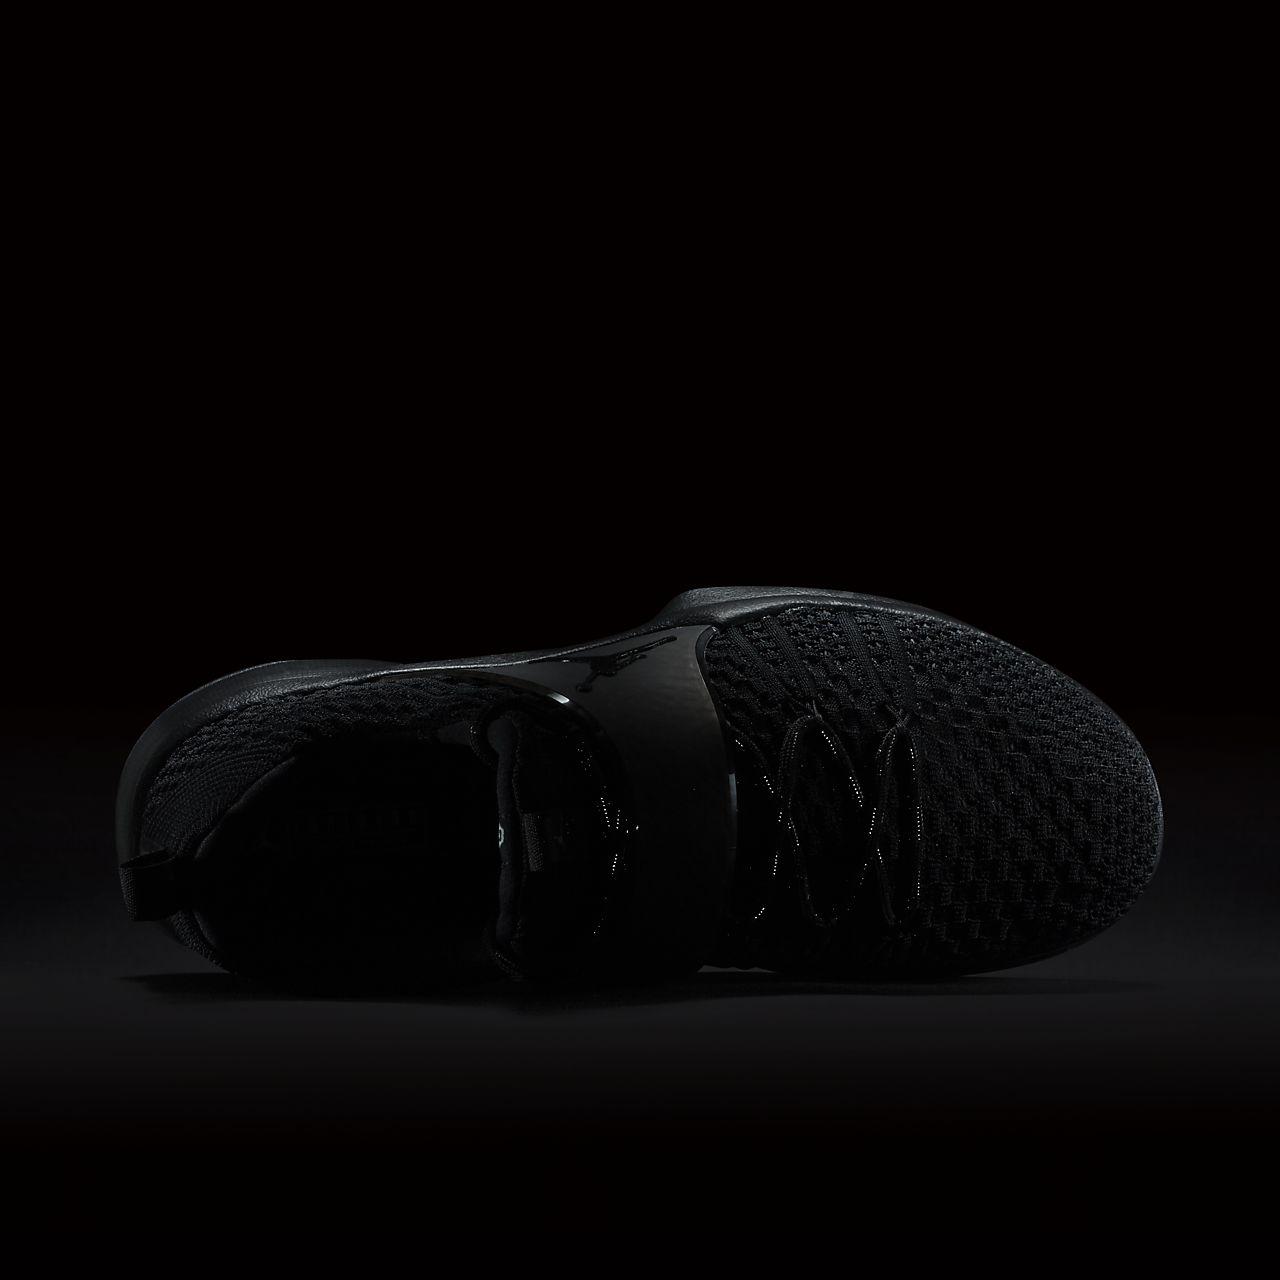 reputable site 03030 810d8 chaussure de training air jordan trainer 2 flyknit pour homme